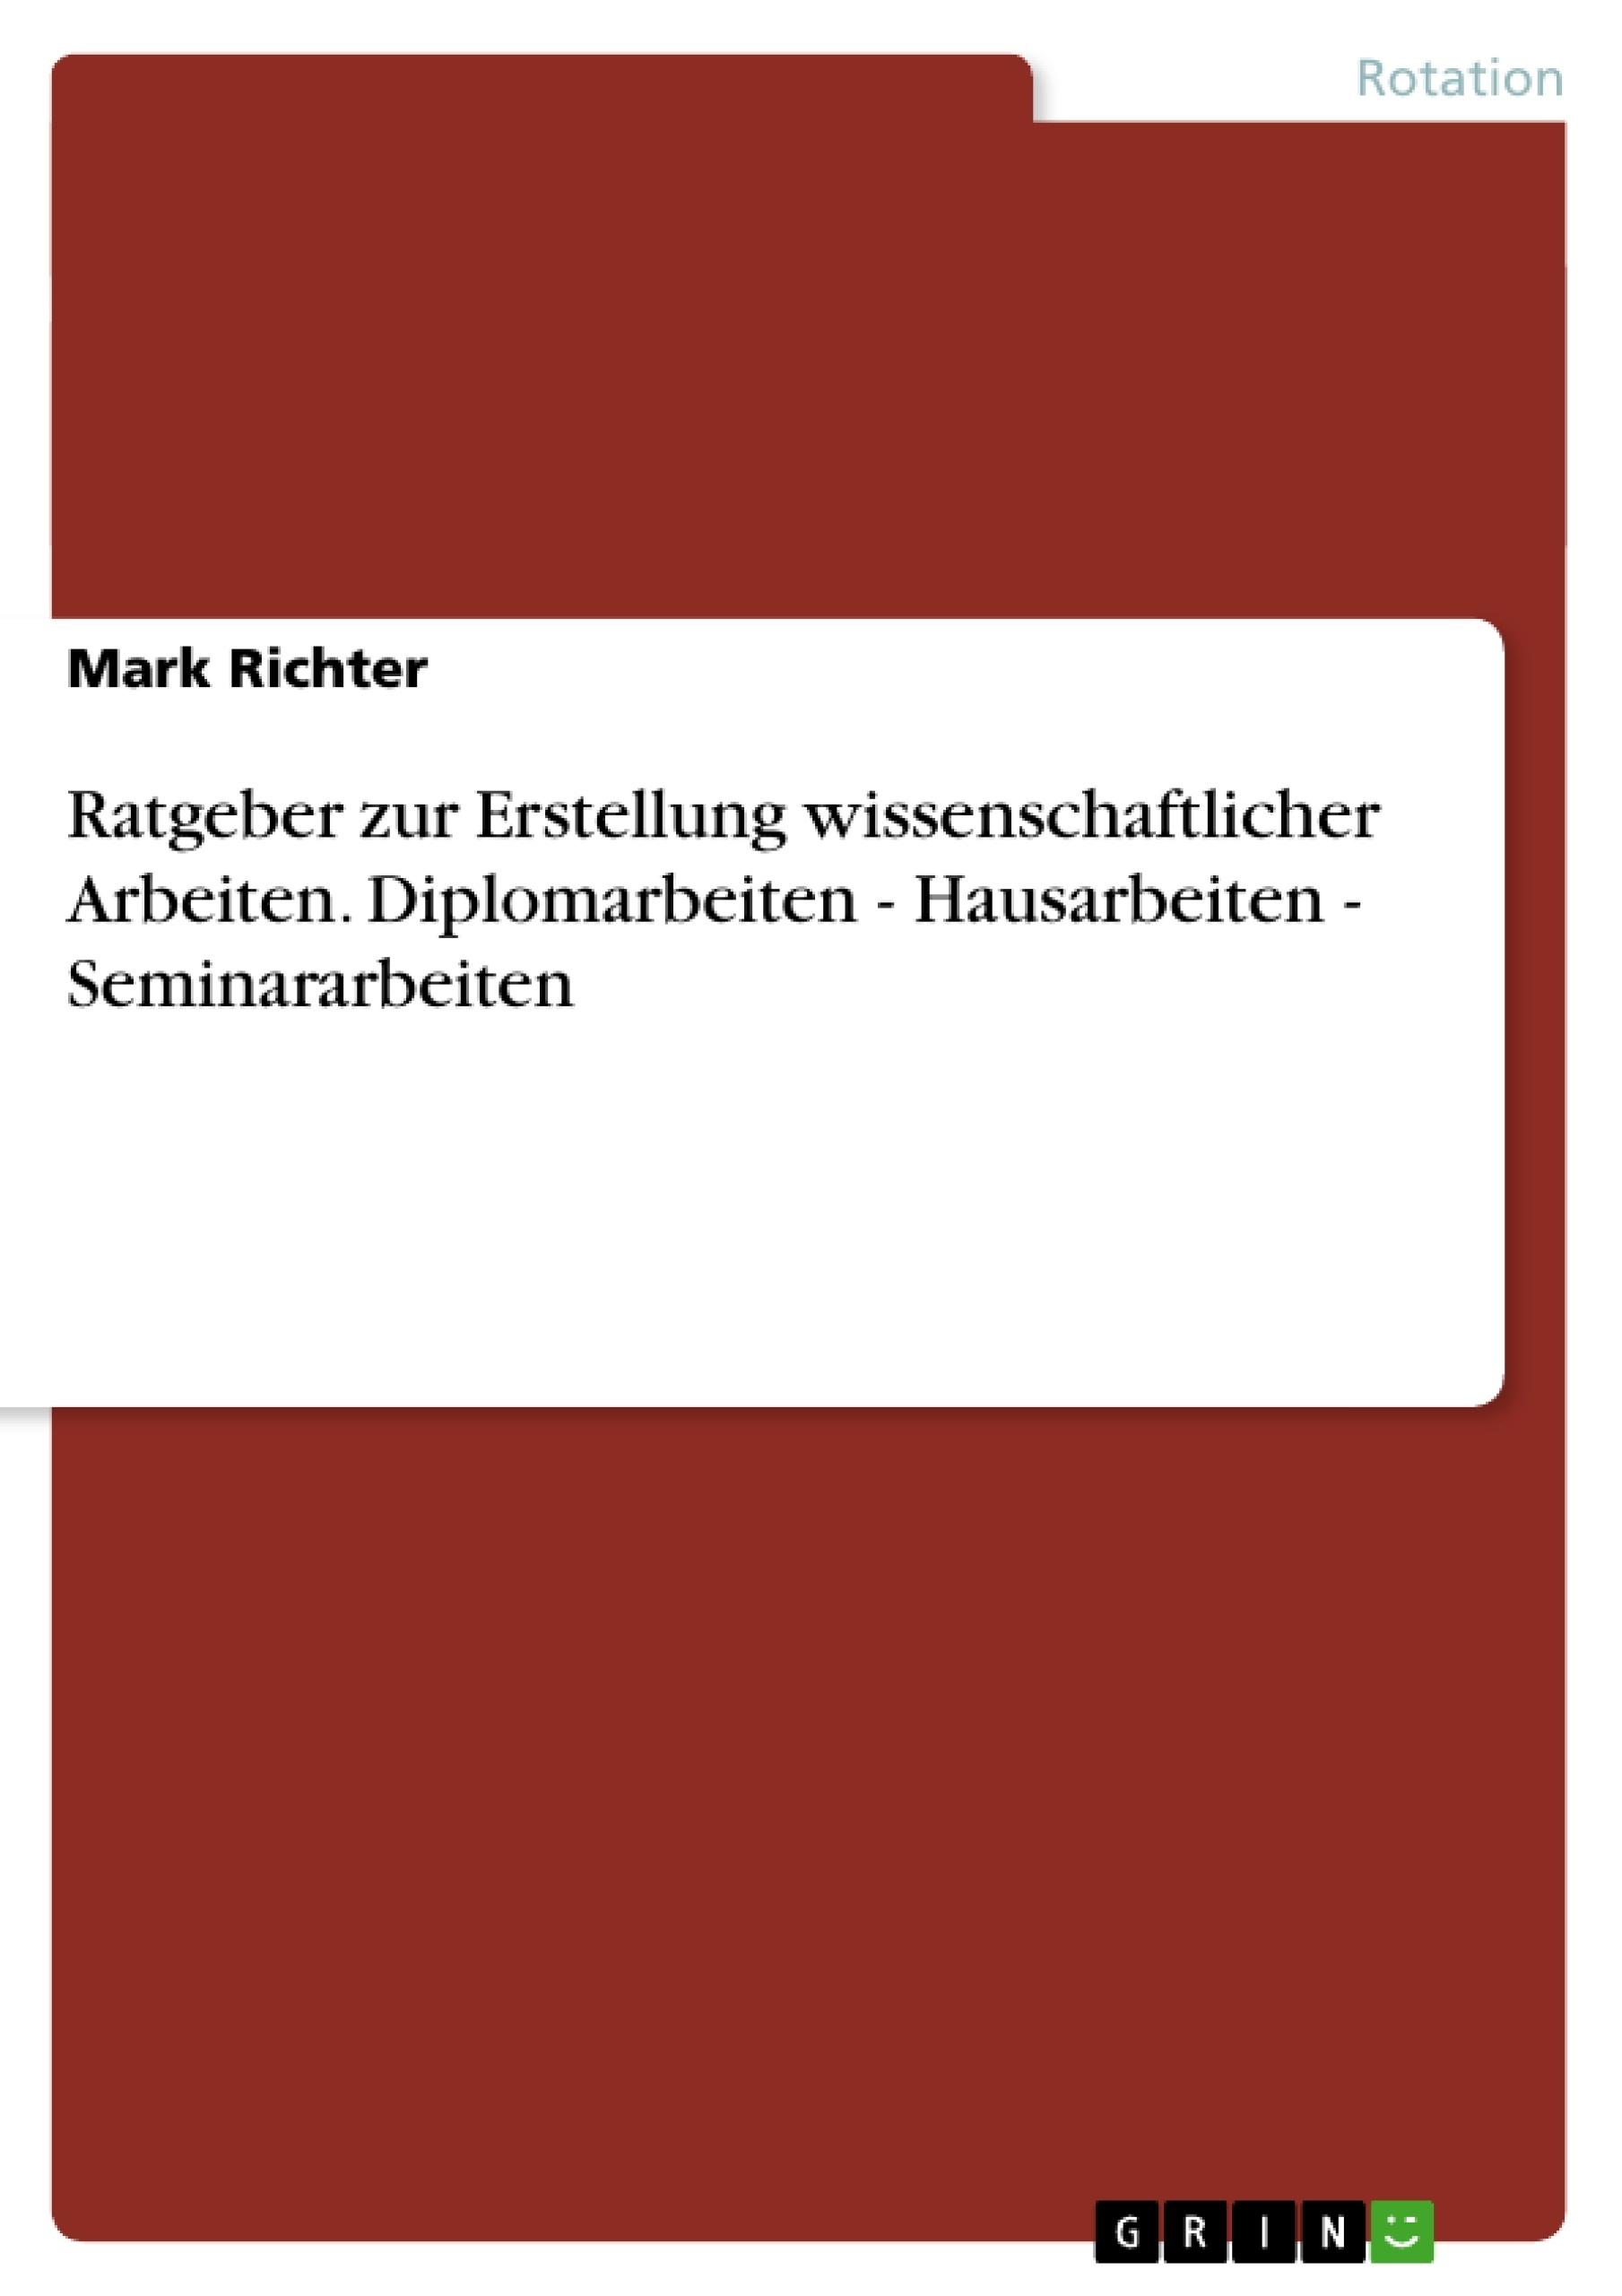 Titel: Ratgeber zur Erstellung wissenschaftlicher Arbeiten. Diplomarbeiten - Hausarbeiten - Seminararbeiten